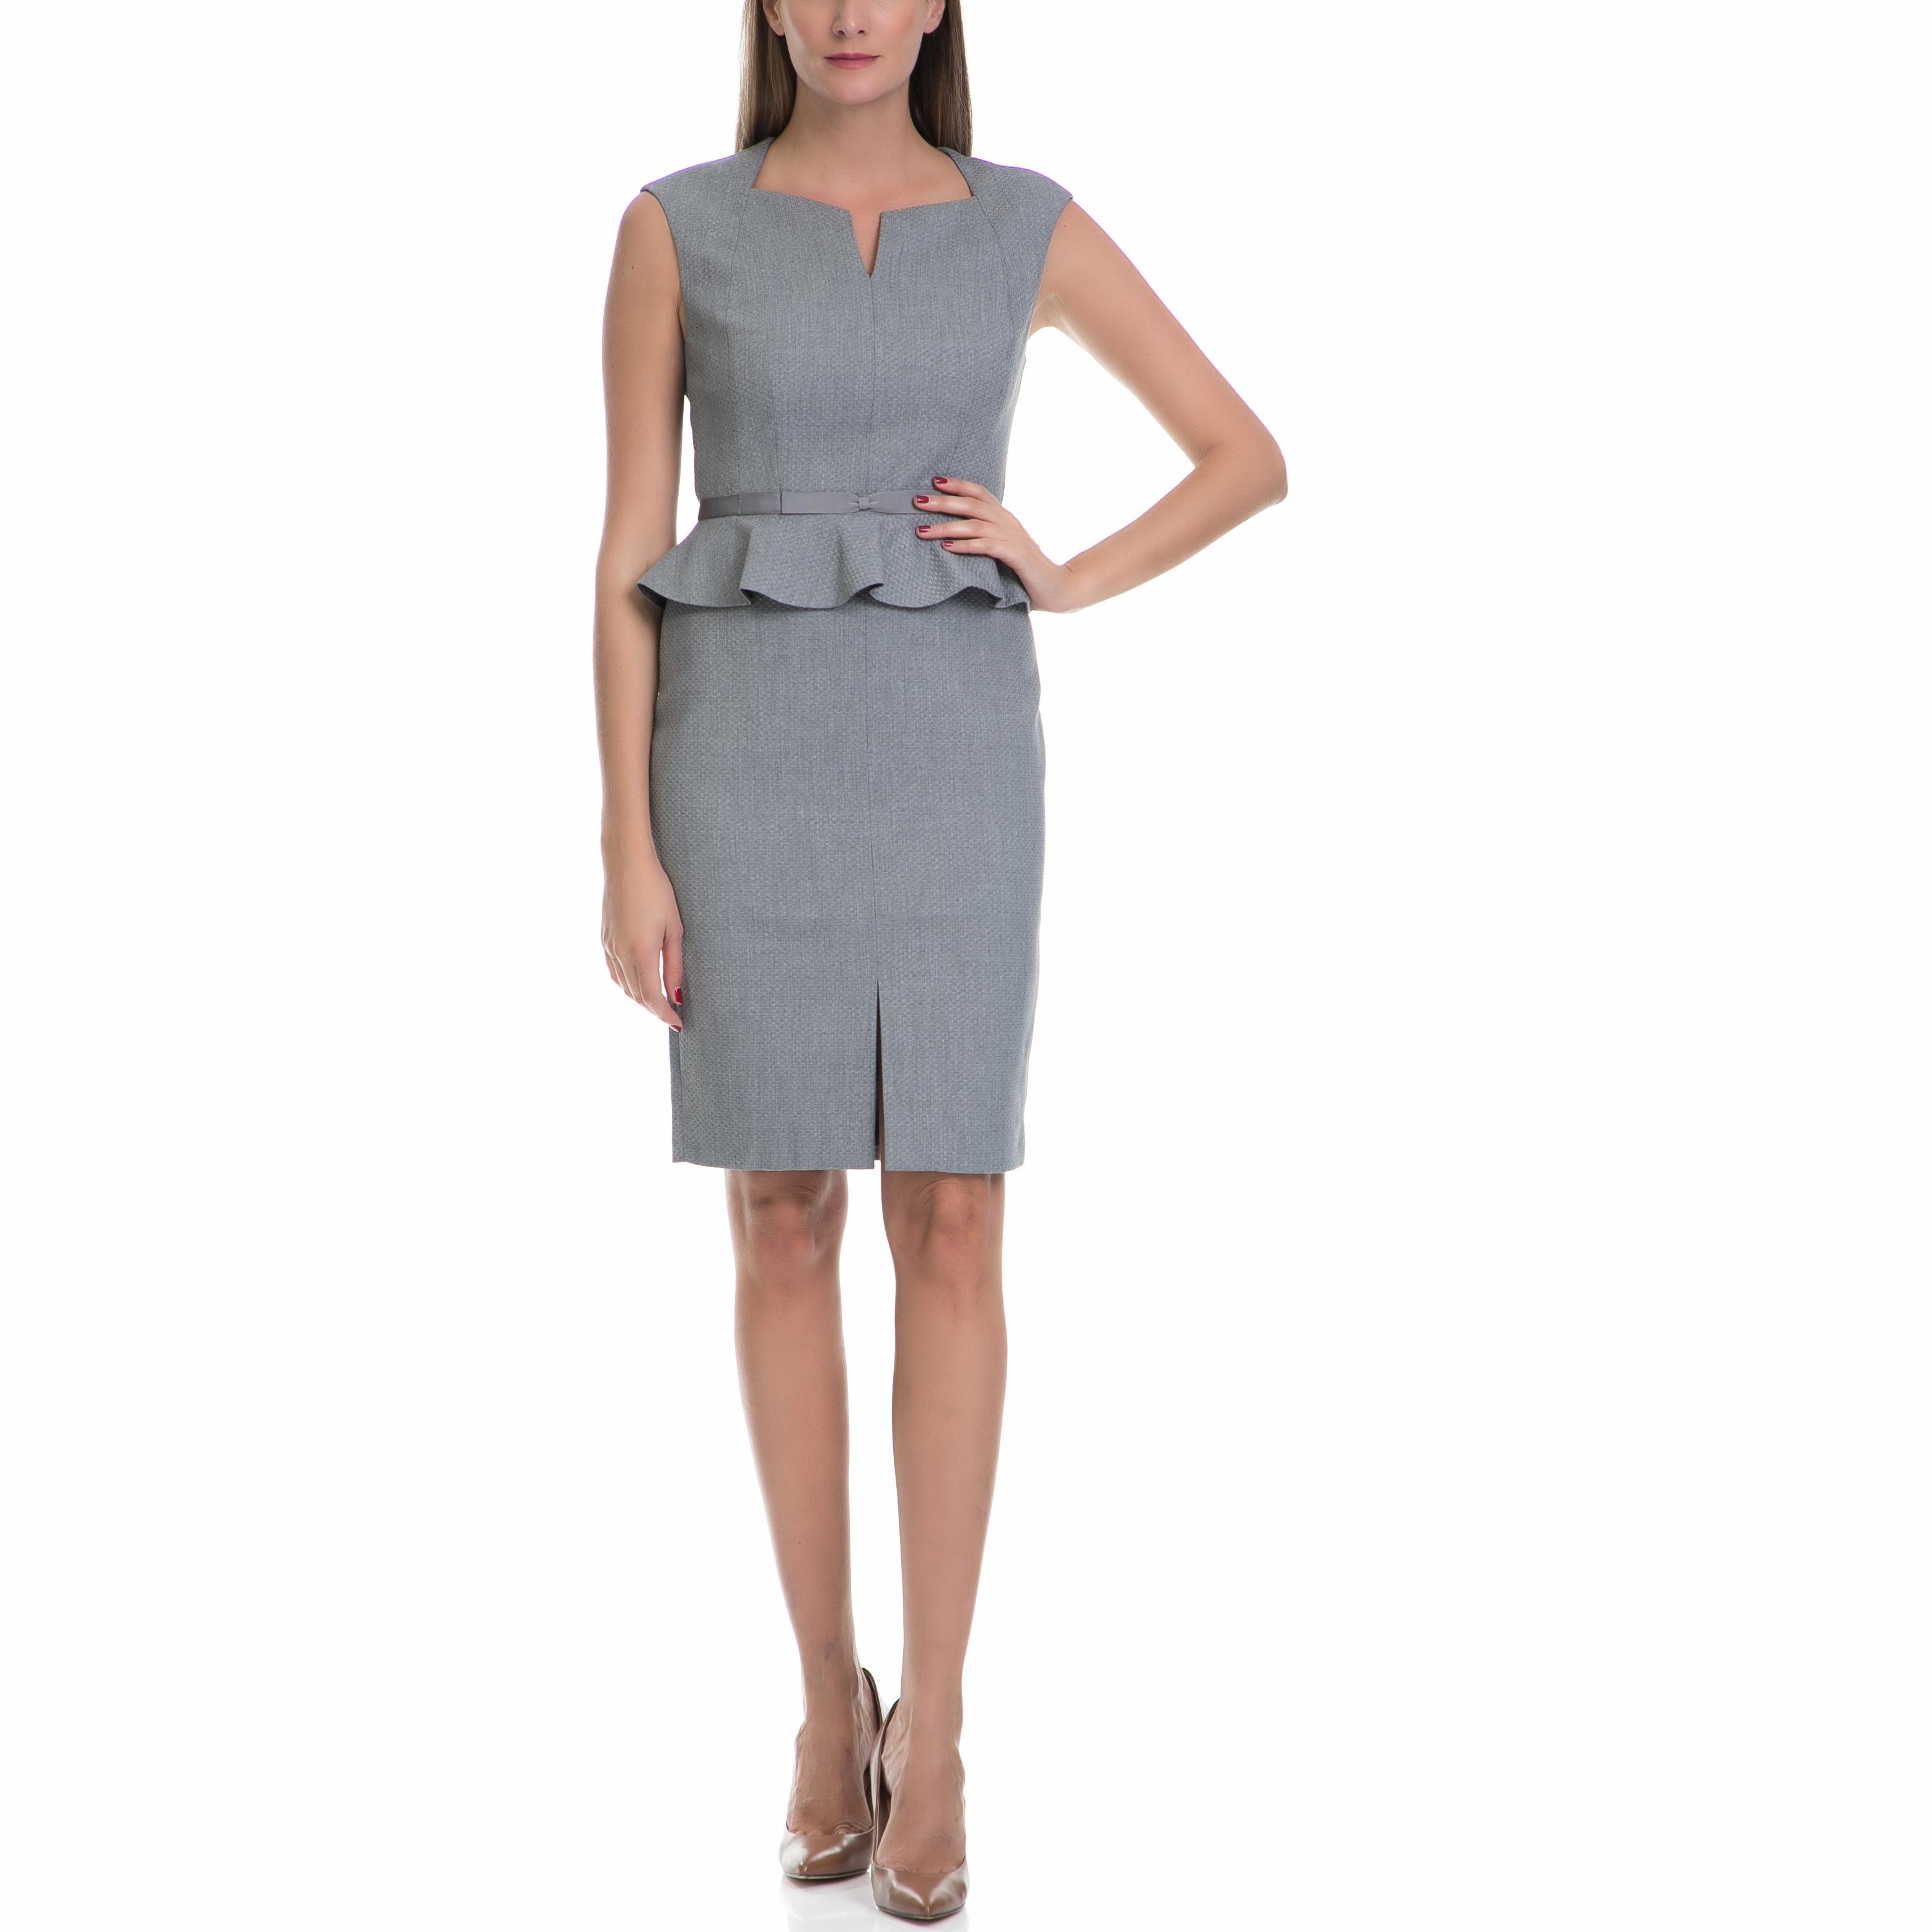 TED BAKER - Γυναικείο φόρεμα NADAED TED BAKER γκρι 88e6767e777